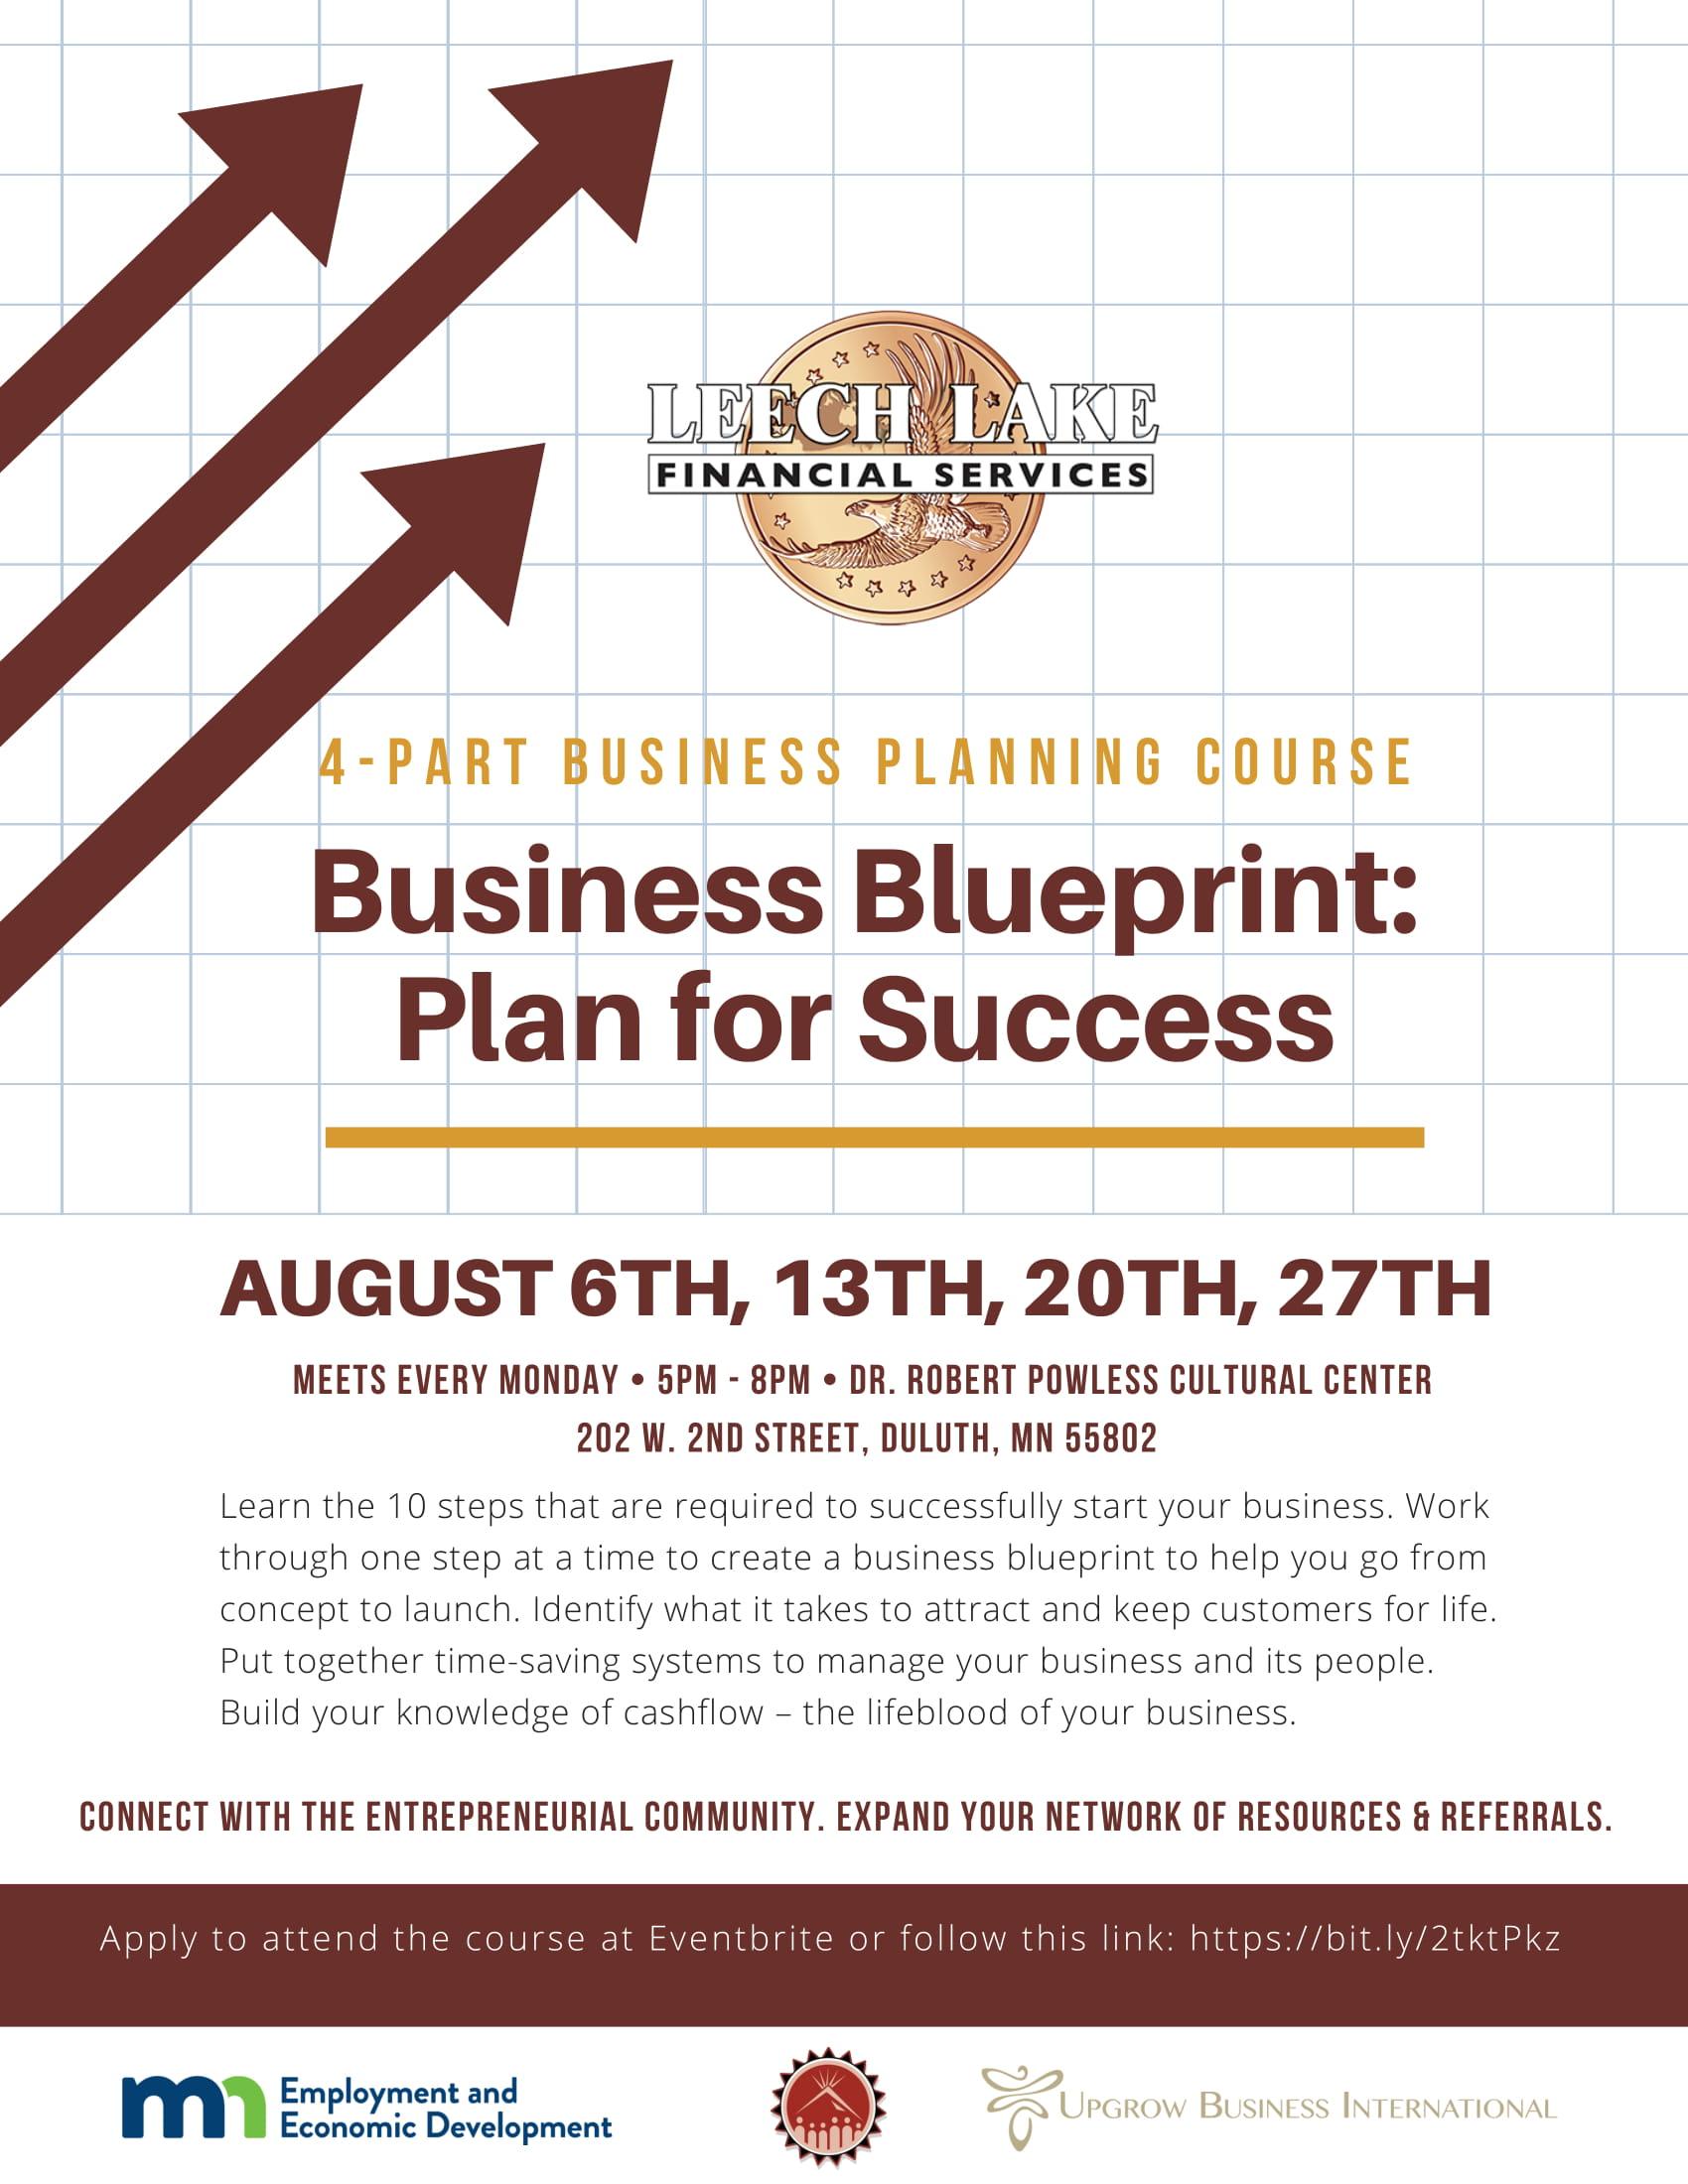 Business blueprint duluth 1 leech lake news business blueprint duluth 1 malvernweather Images